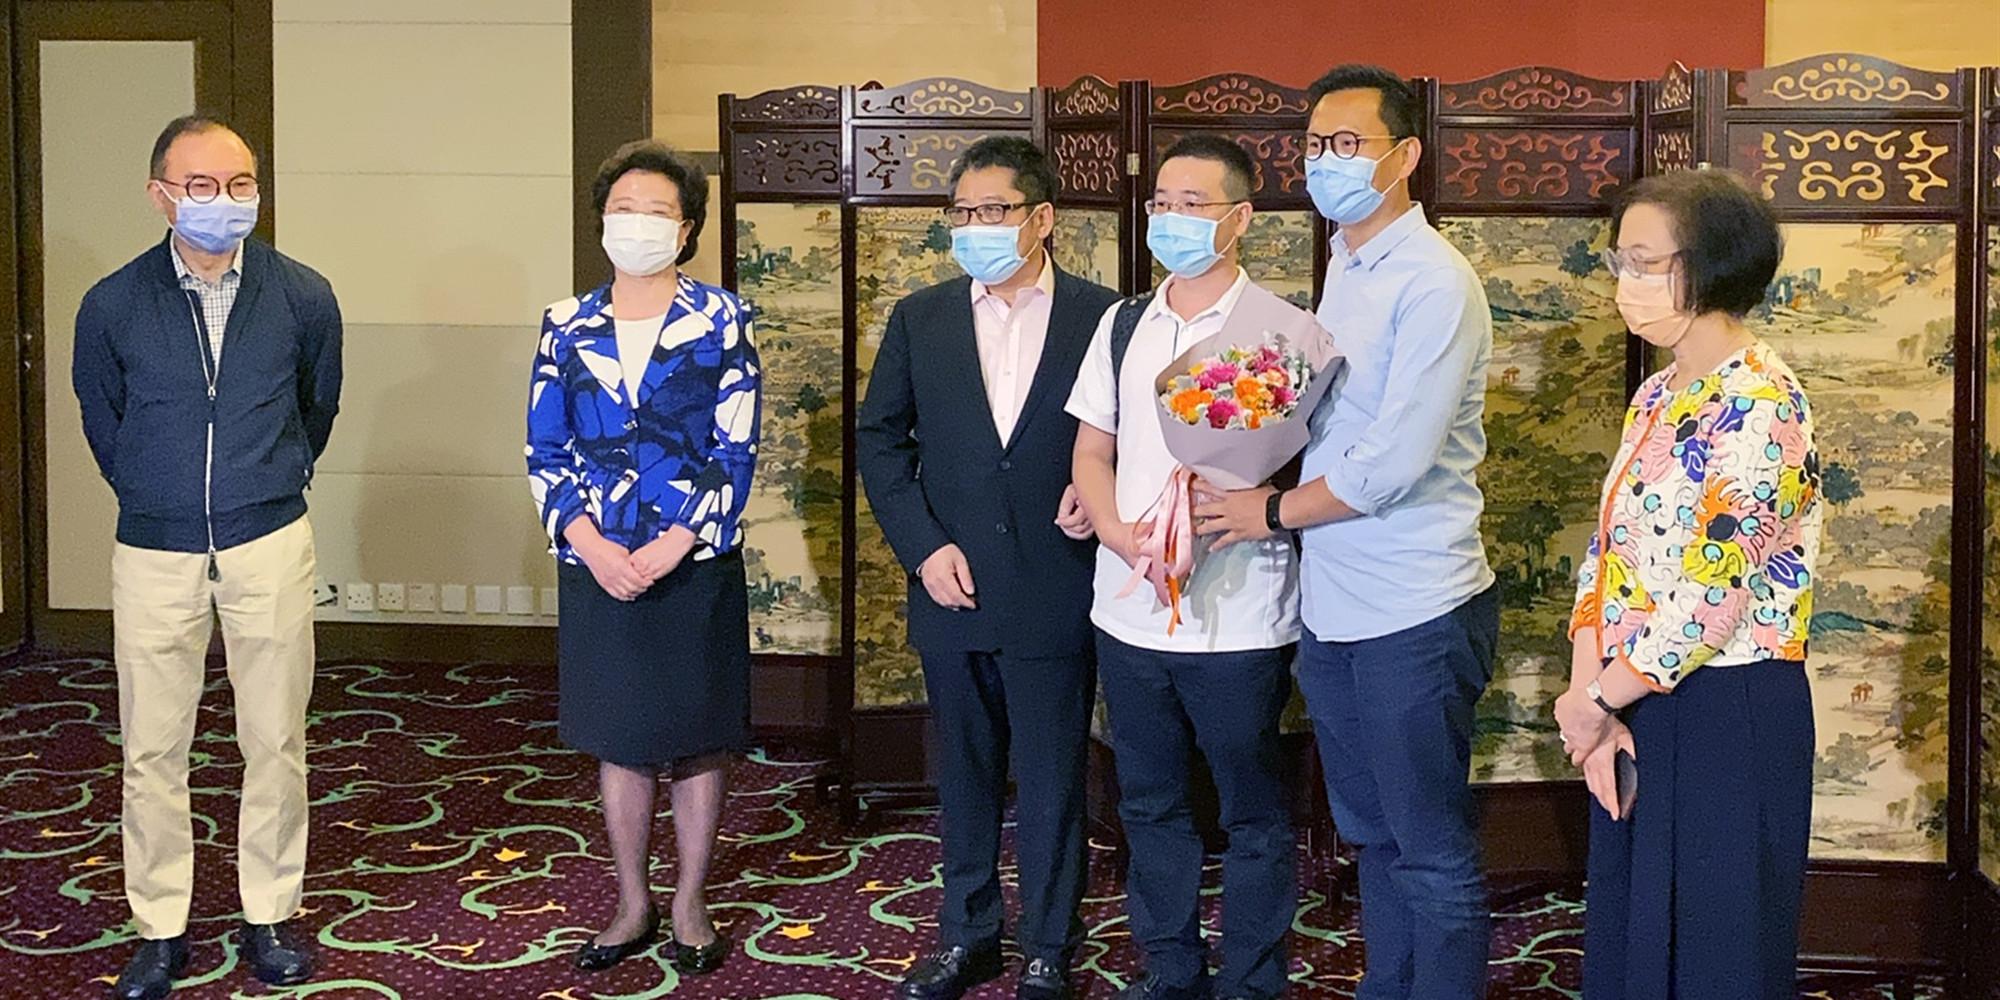 内地核酸检测支援队:目标提升香港每日检测量至近20万